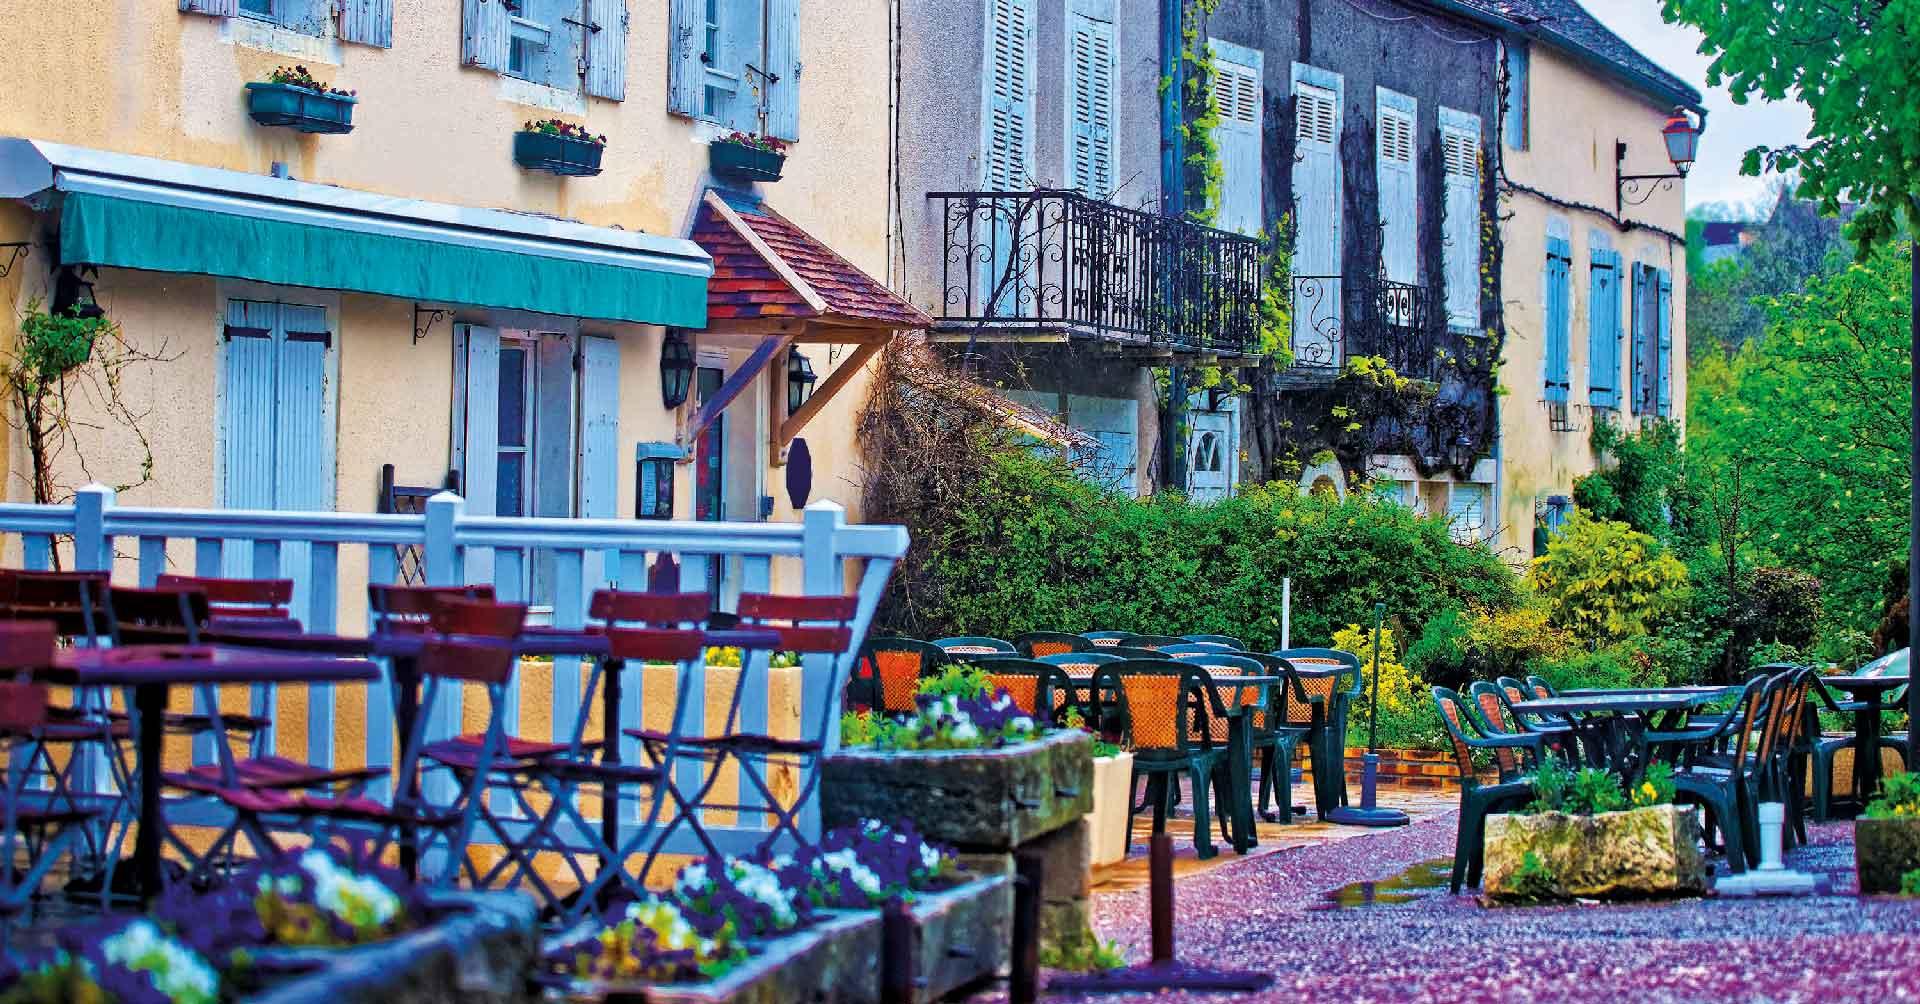 terrasse de ville pour nomad attitudd, cendriers de poche